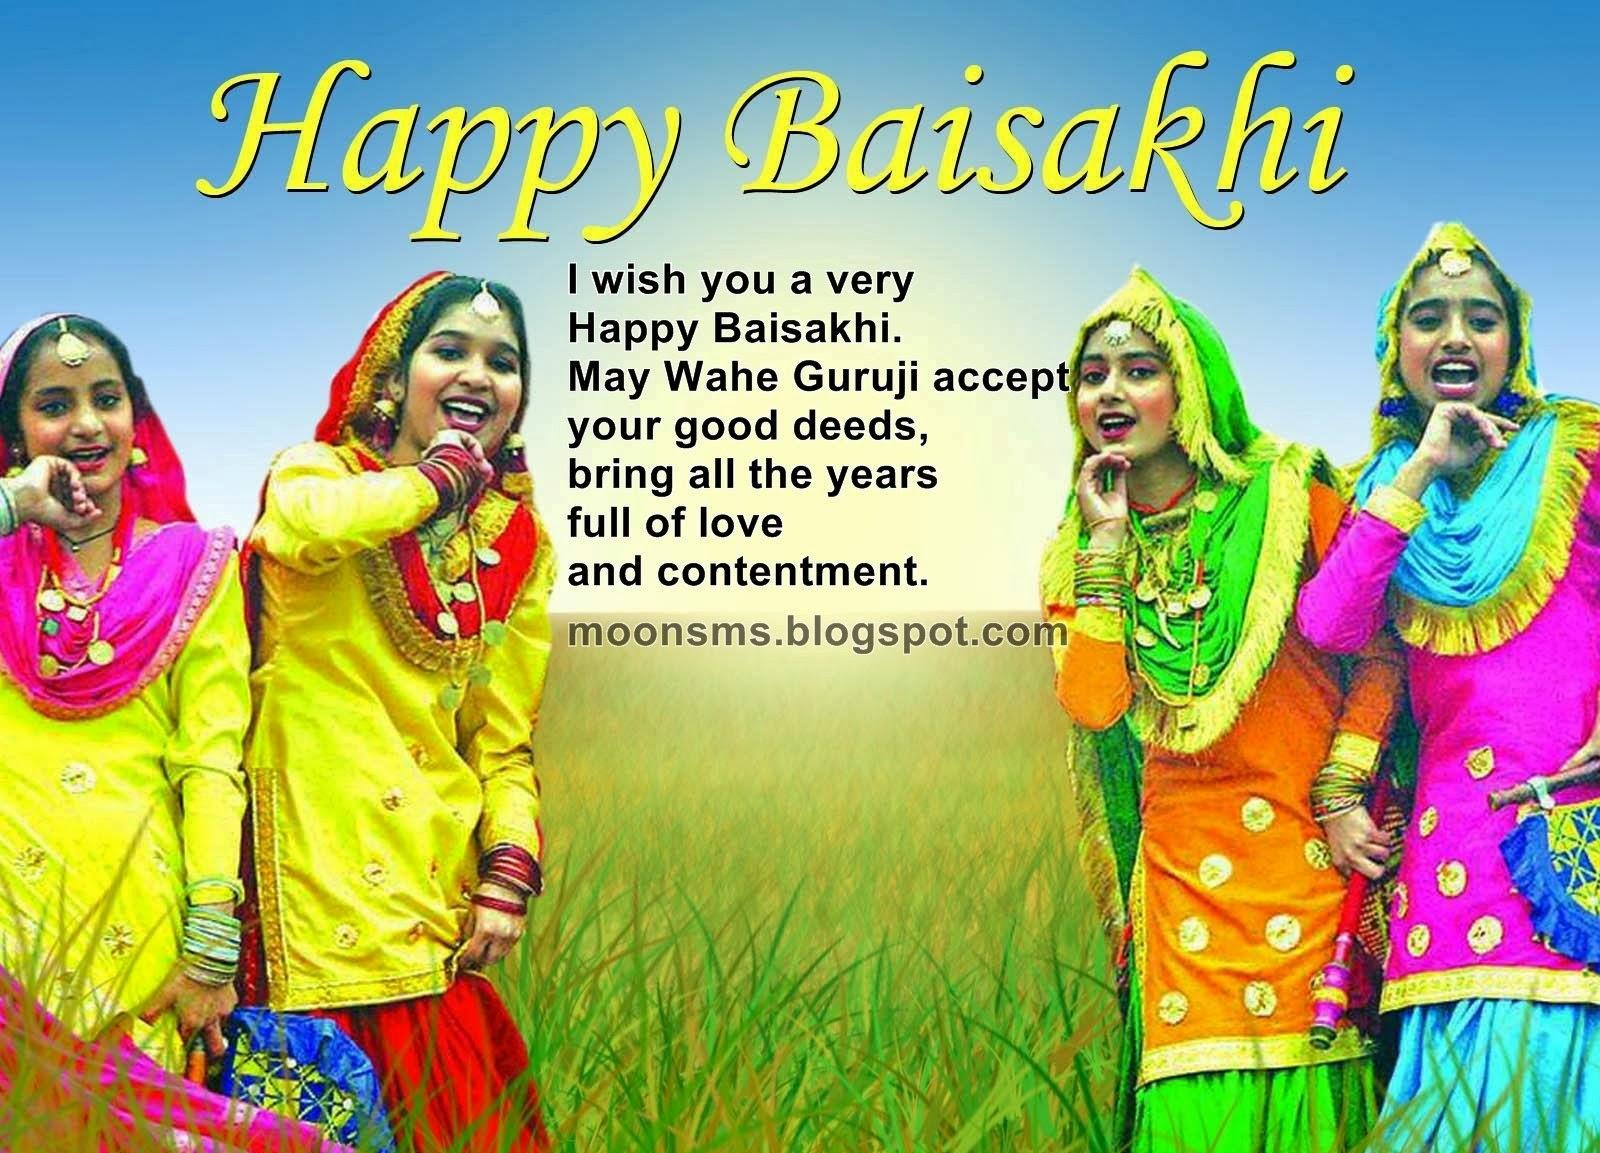 Christian post moonsms happy vaisakhi baisakhi 2014 sms text happy vaisakhi baisakhi 2014 sms text messages wishes greetings funny baisakhi sms in english hindi punjabi m4hsunfo